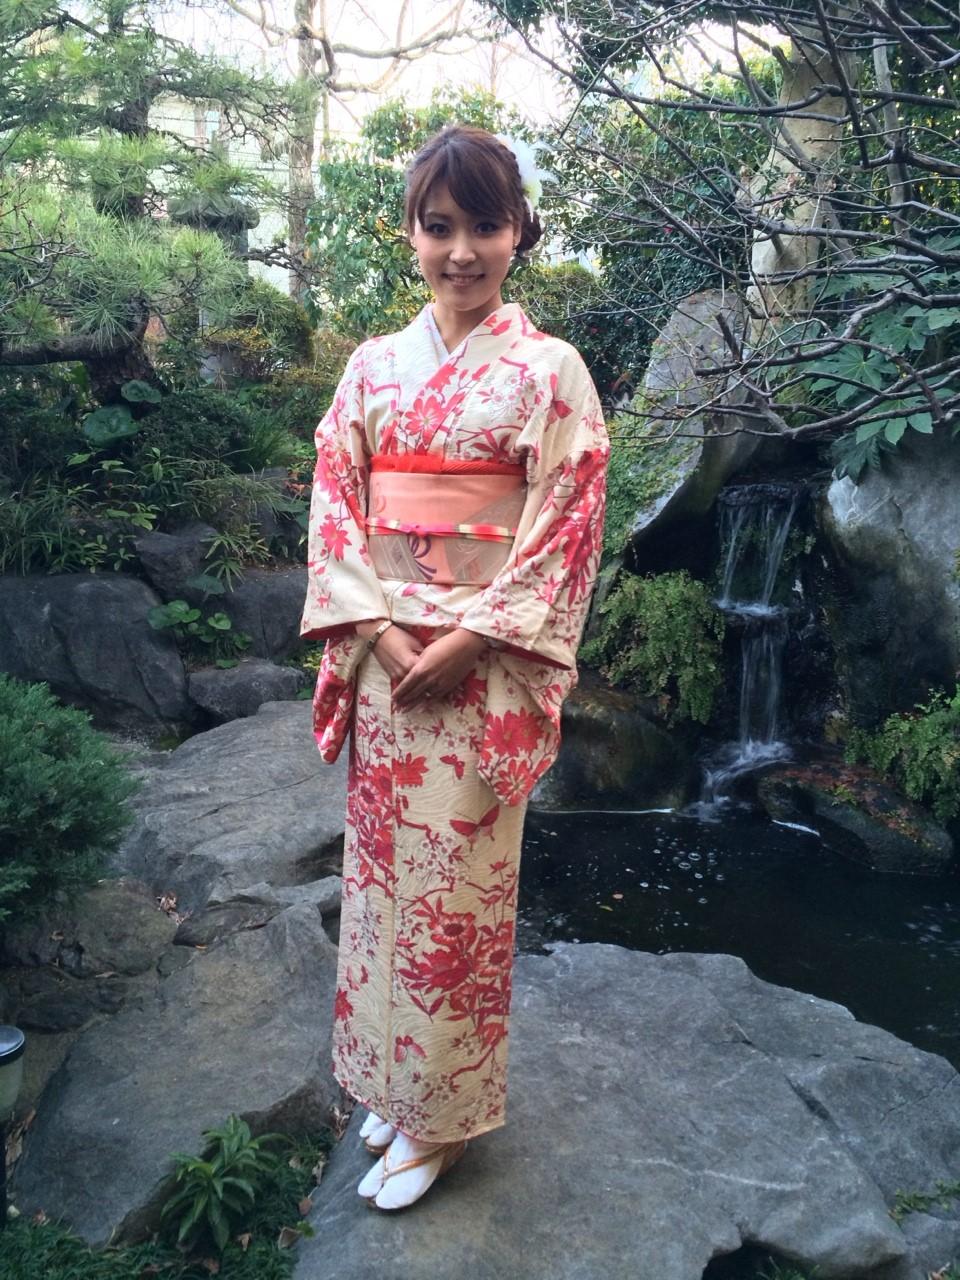 日本だから!_b0163038_22305773.jpg